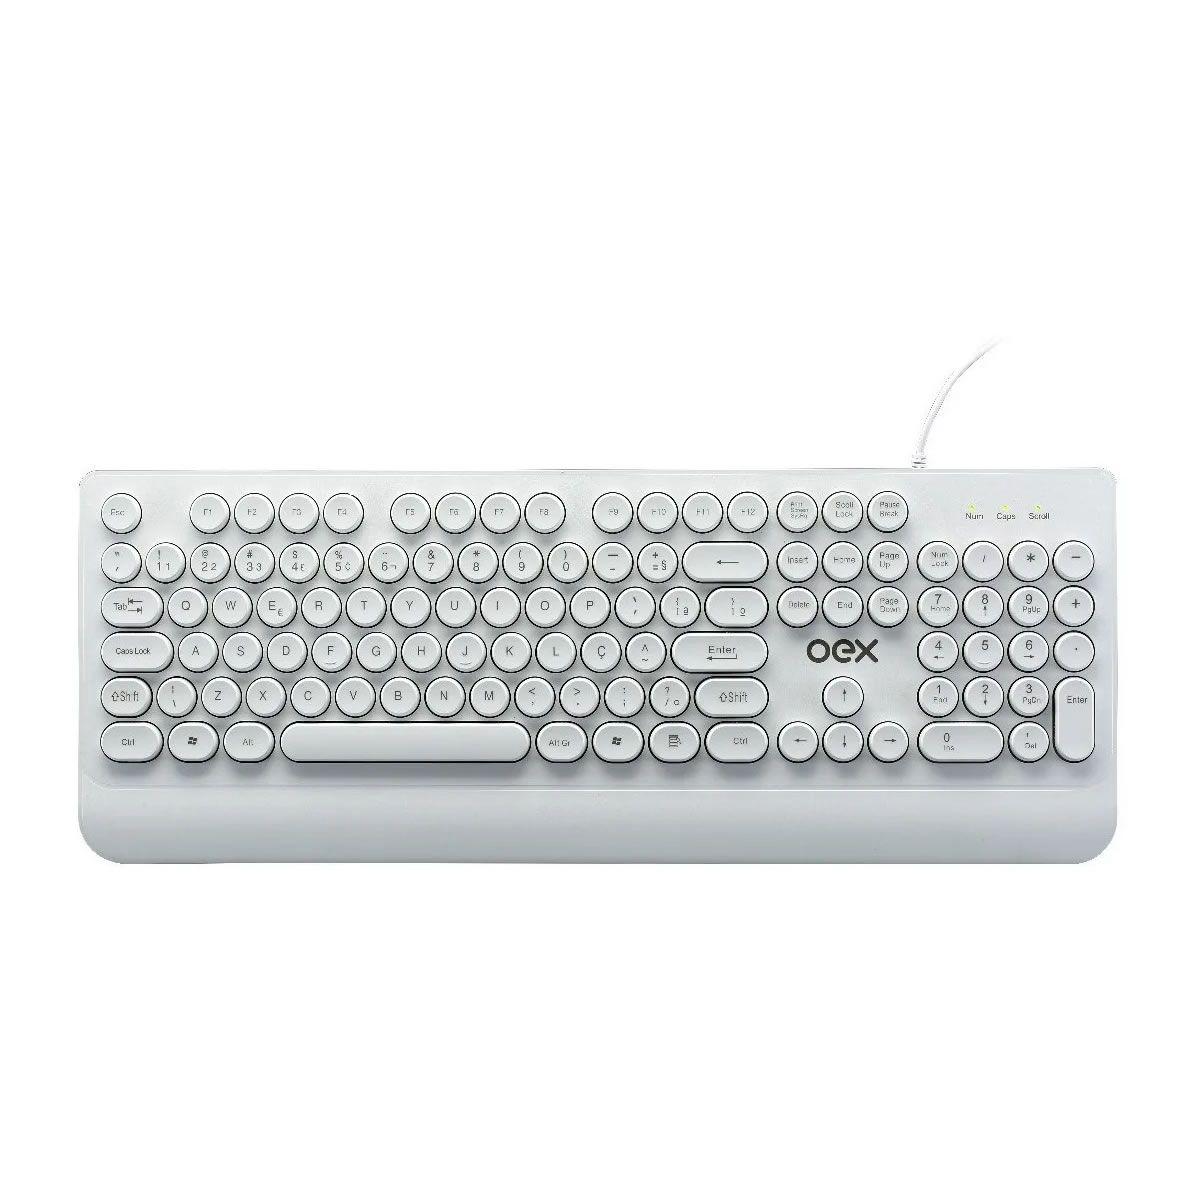 Teclado Branco USB OEX POP IN Teclas Redondas ABNT Para Escritório